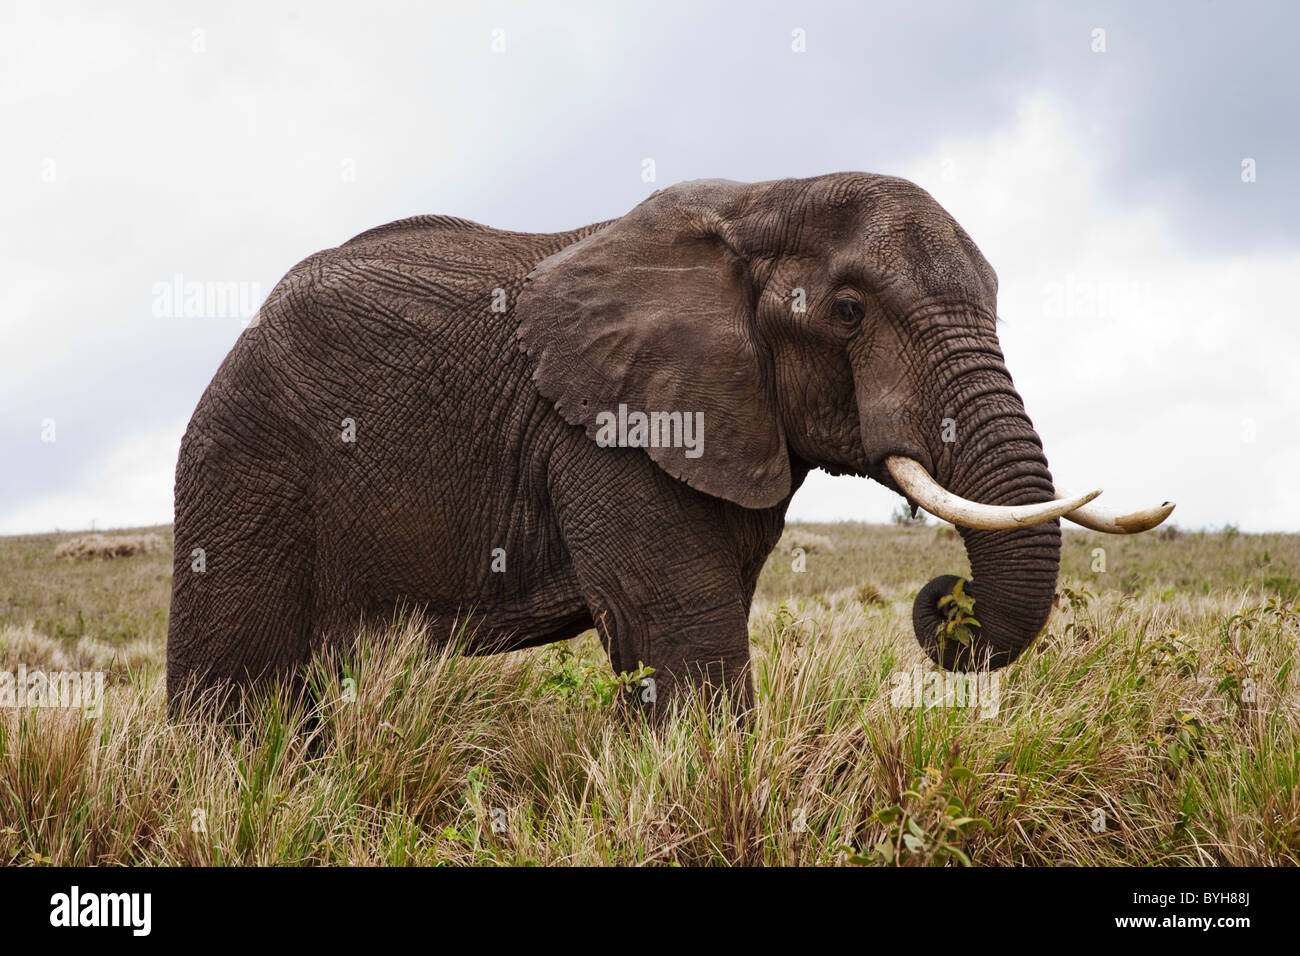 Elefantes en el Parque nacional Serengeti, Tanzania, África Imagen De Stock